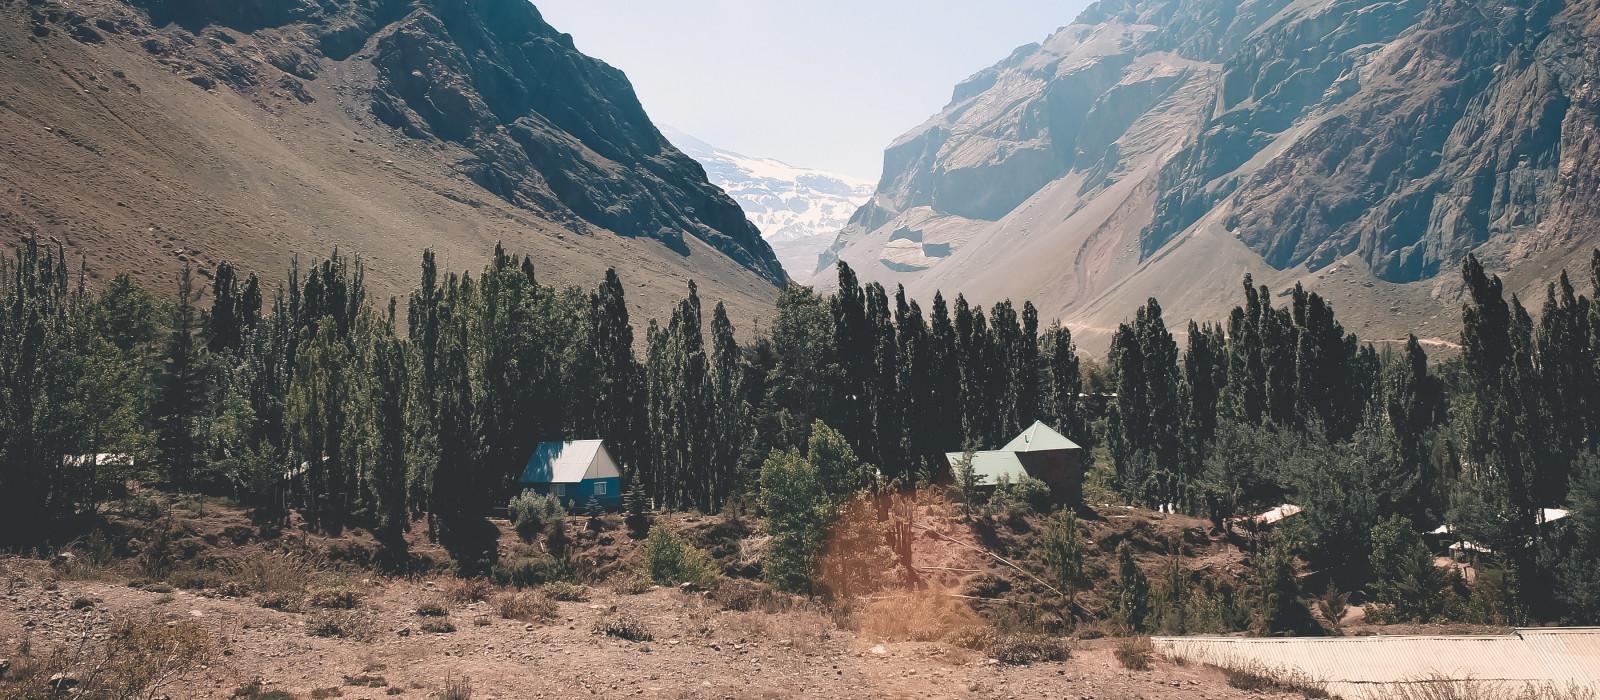 Anden bei Cajón del Maipo, in Santiago, Chile, Südamerika.